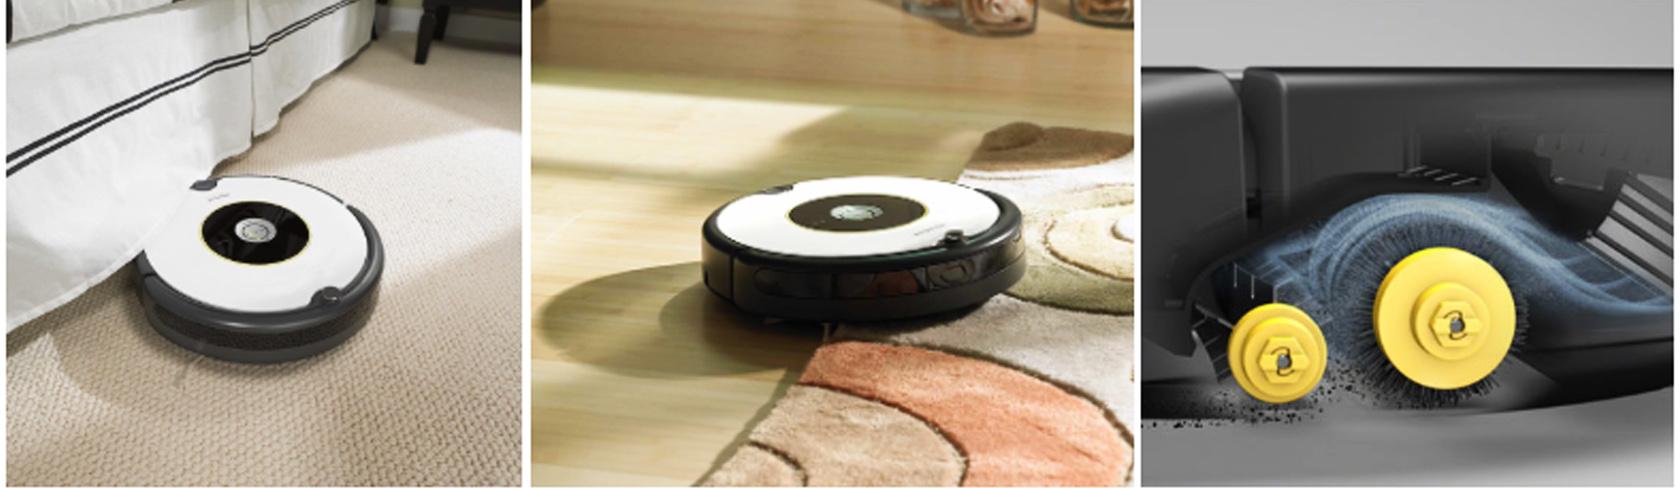 iRobot Roomba 605 не запутывается в проводах и в шерсти